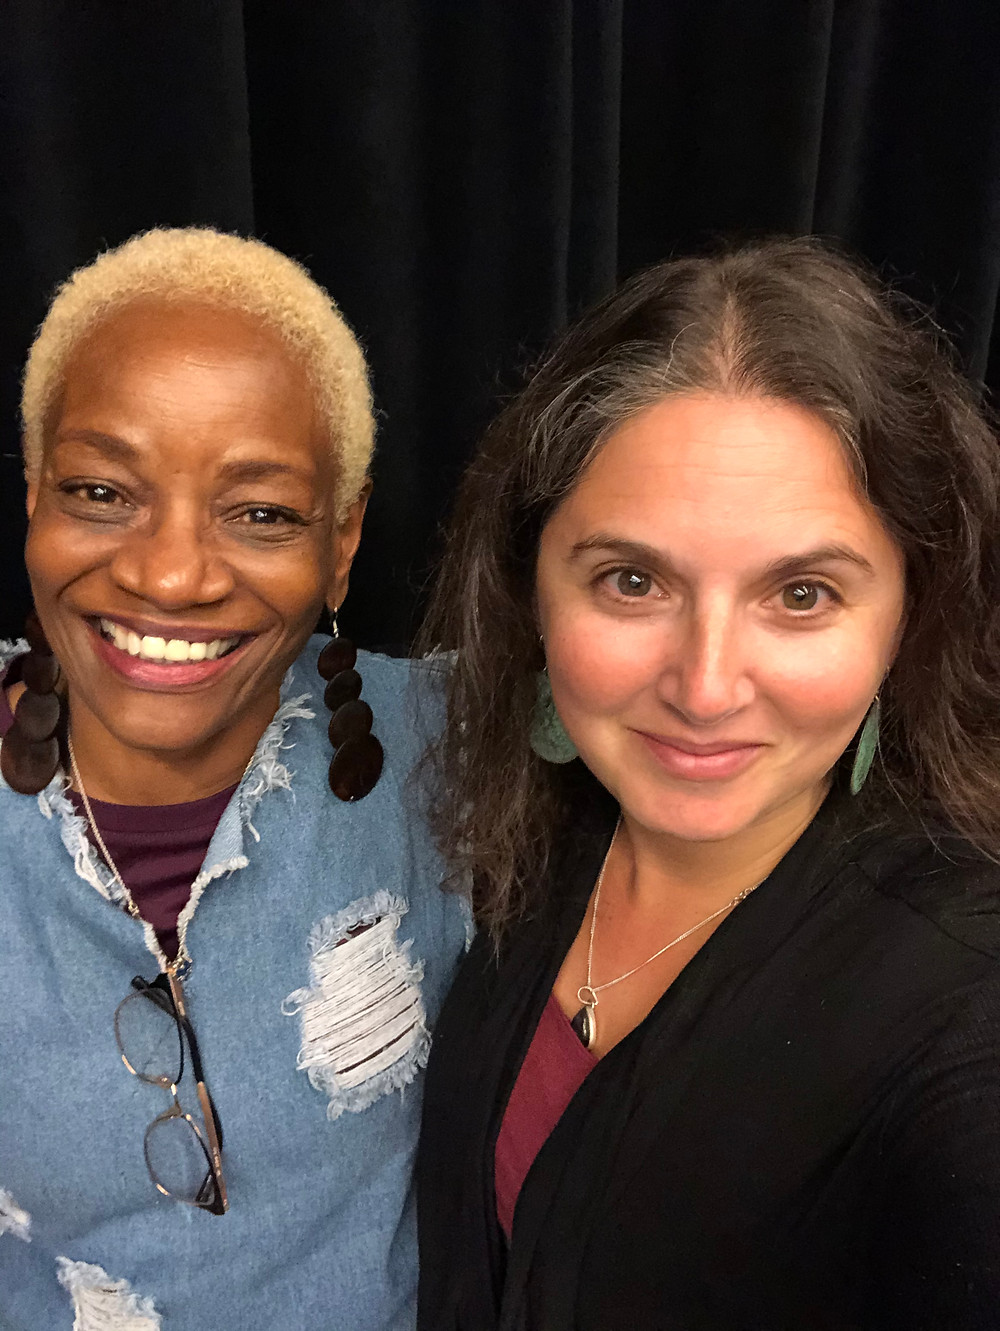 Deborah Payne and Arielle Nóbile